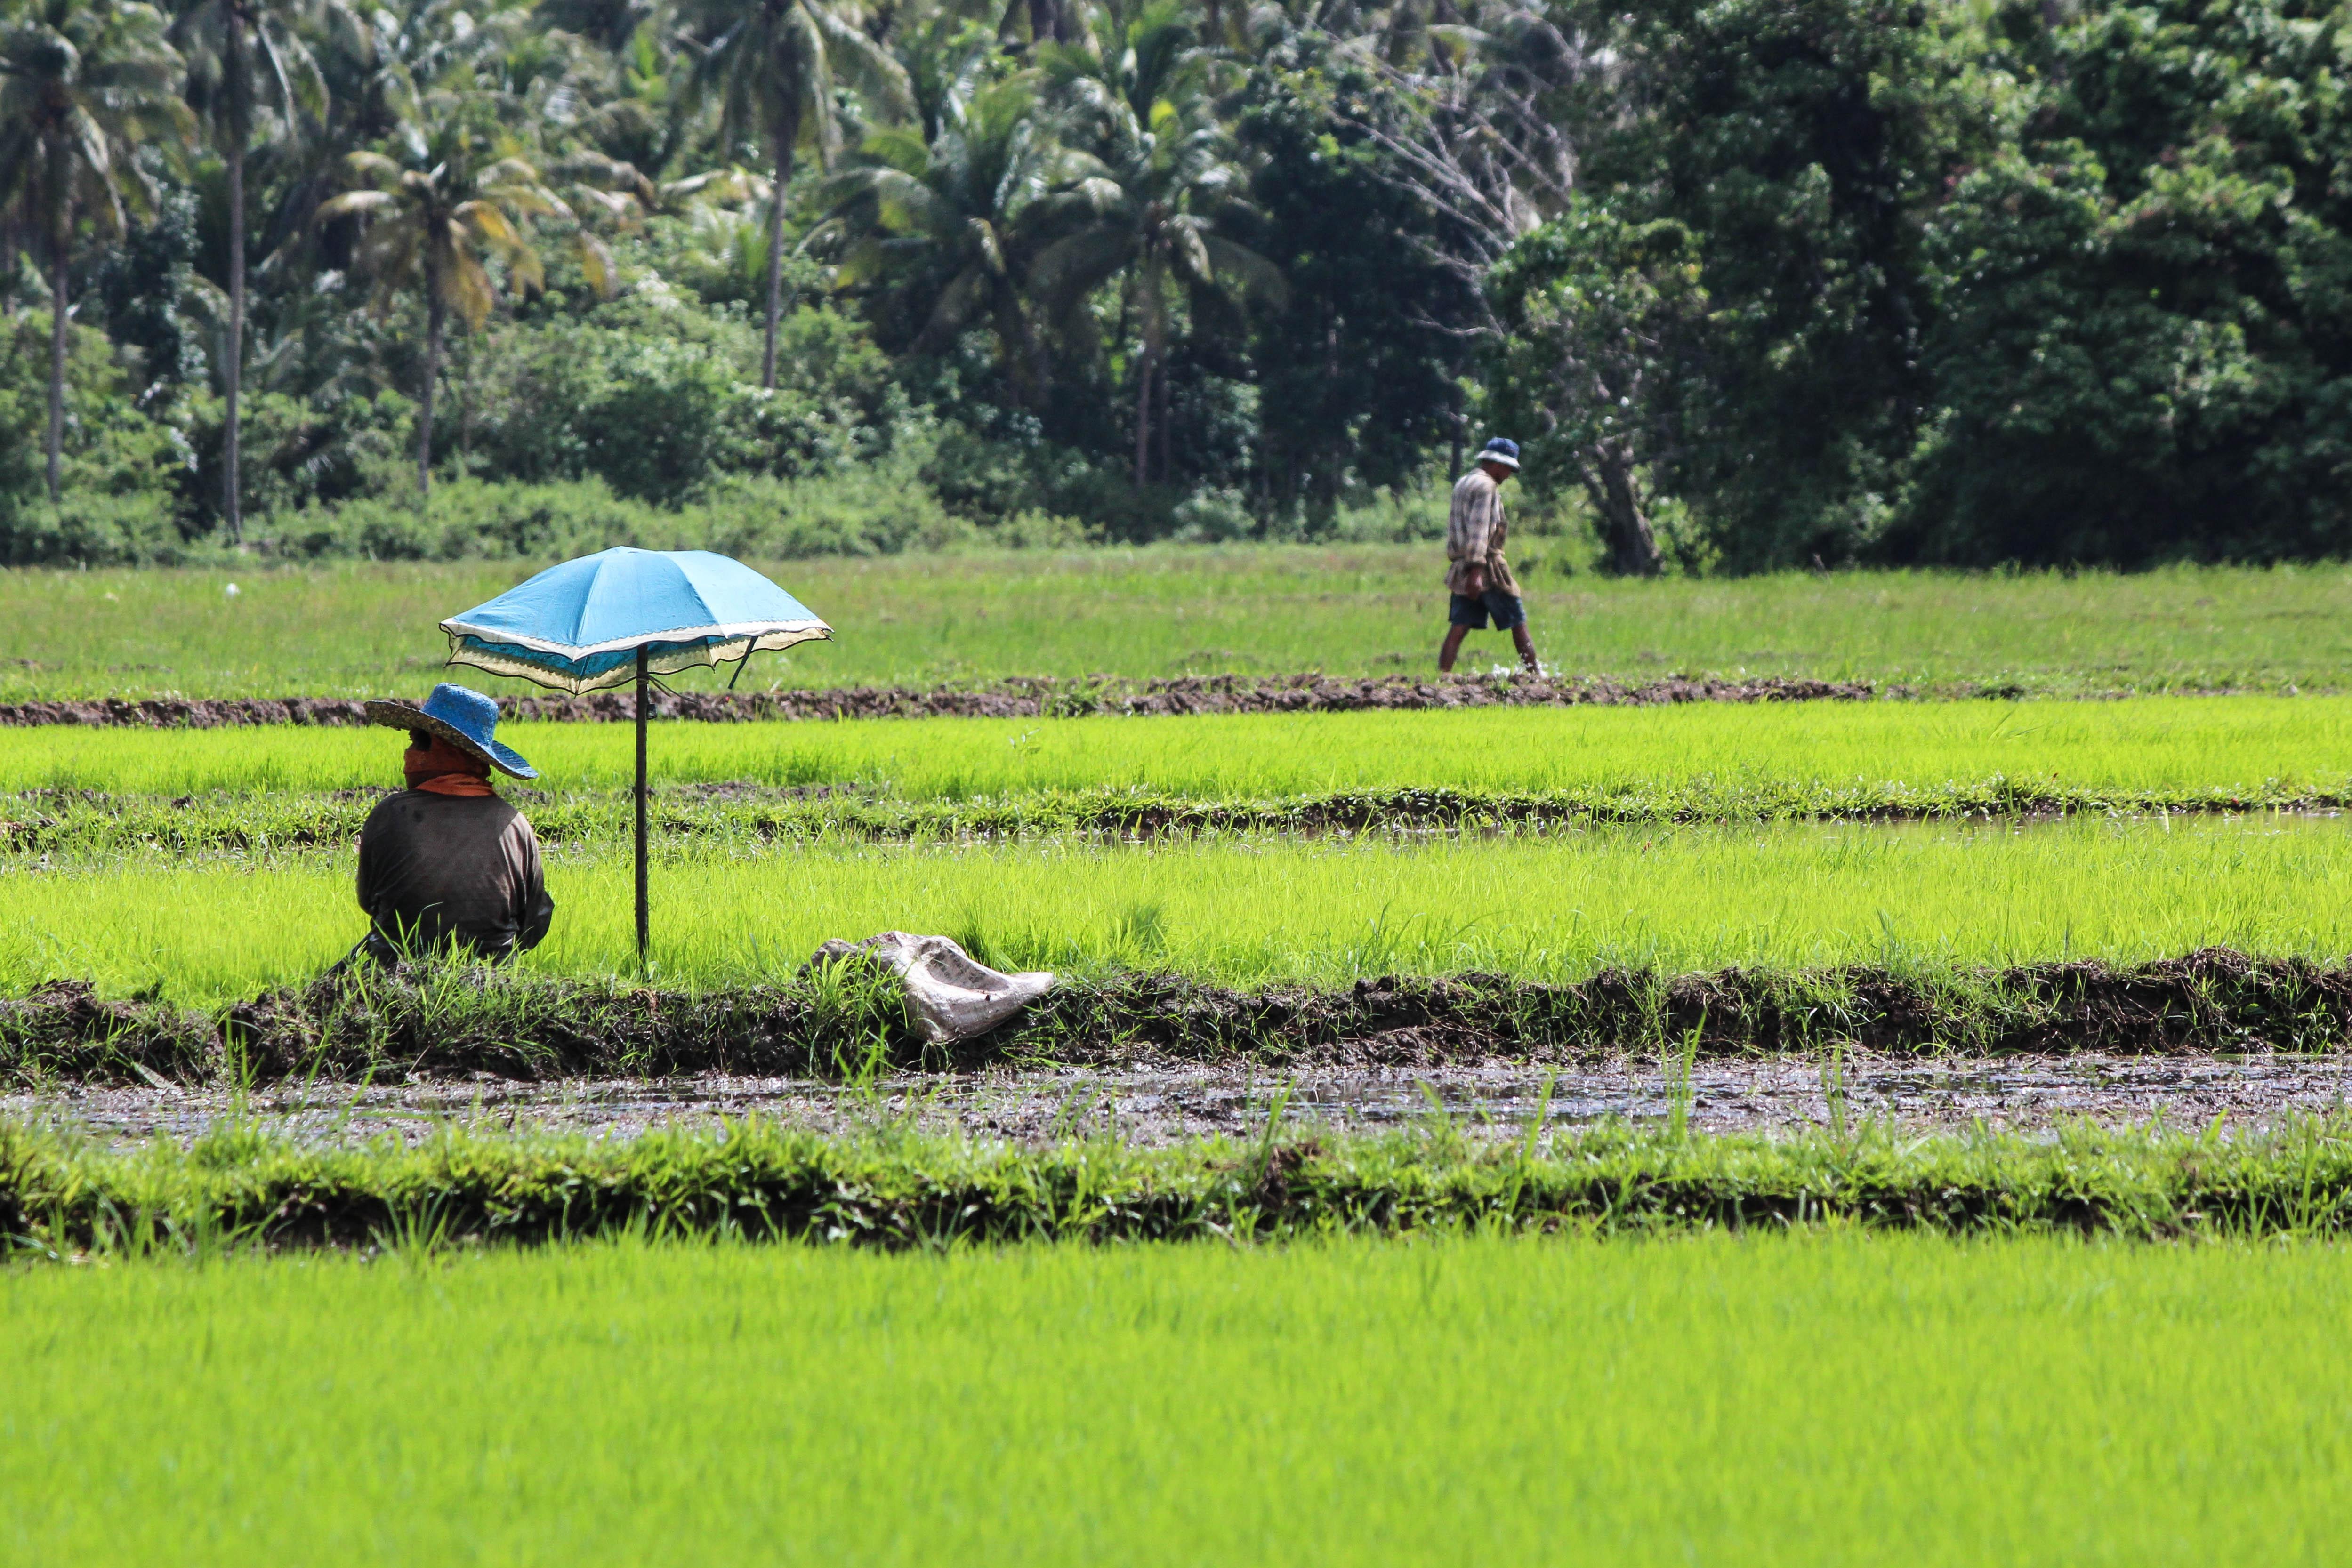 Riisin kylvämistä